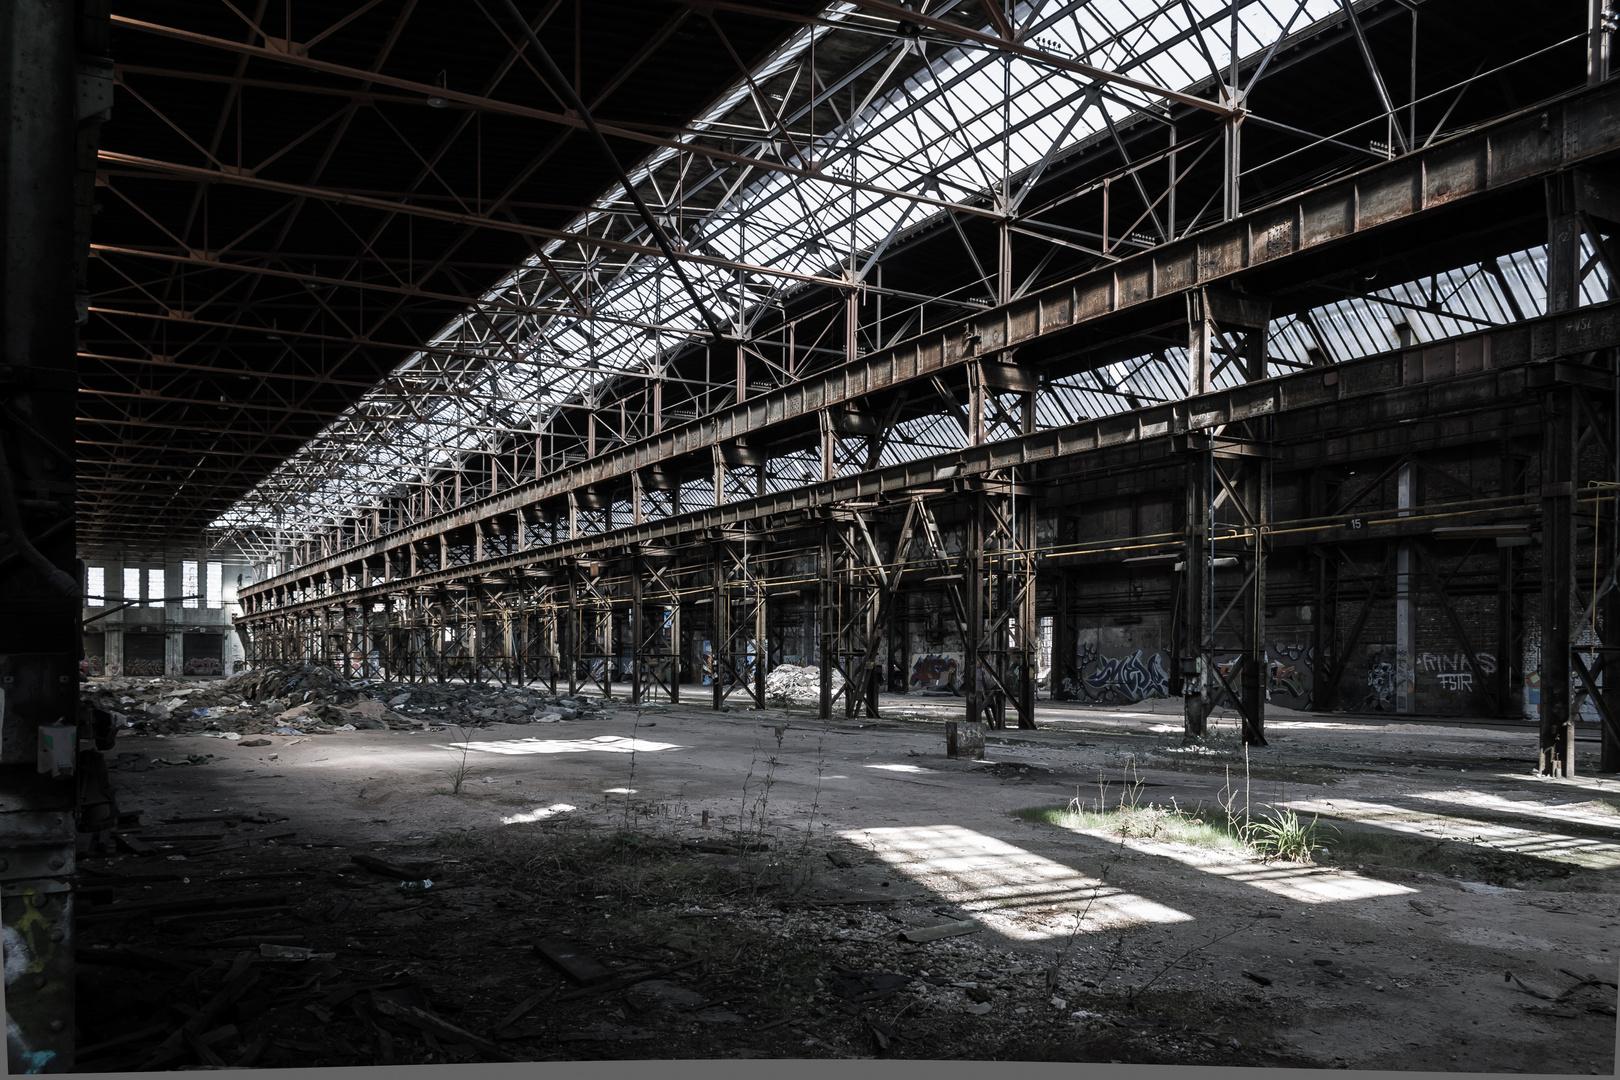 Industrieruine #2